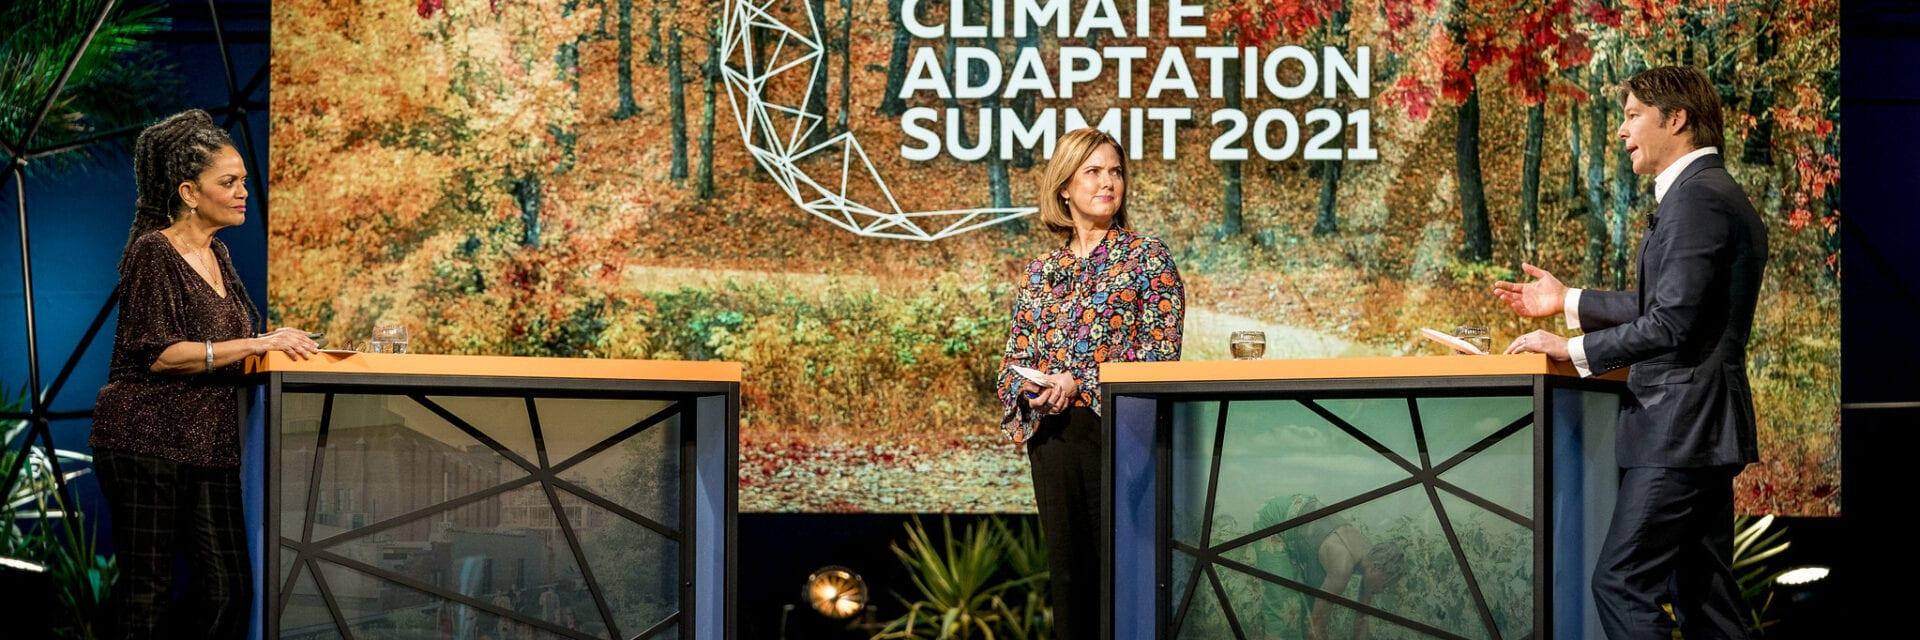 Minister Cora van Nieuwenhuizen op de Climate Adaptation Summit 2021